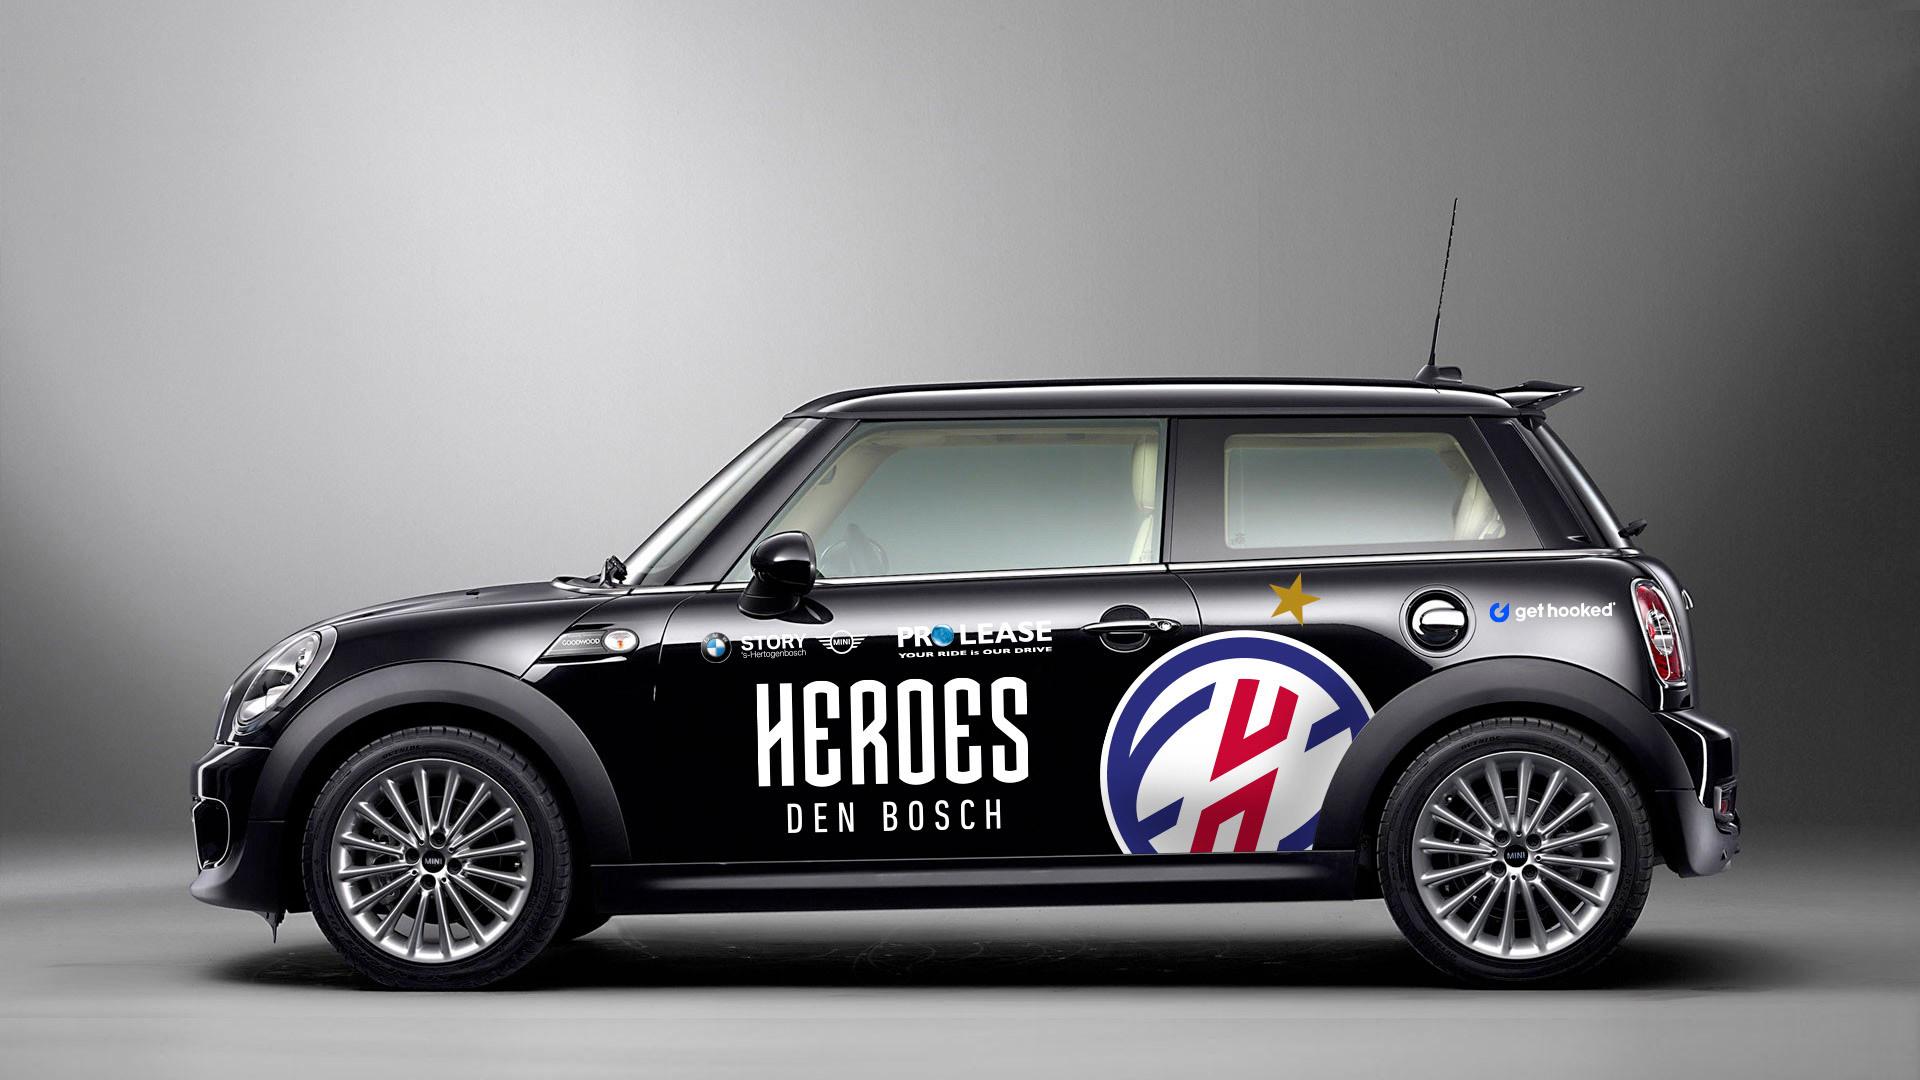 Case heroes img car